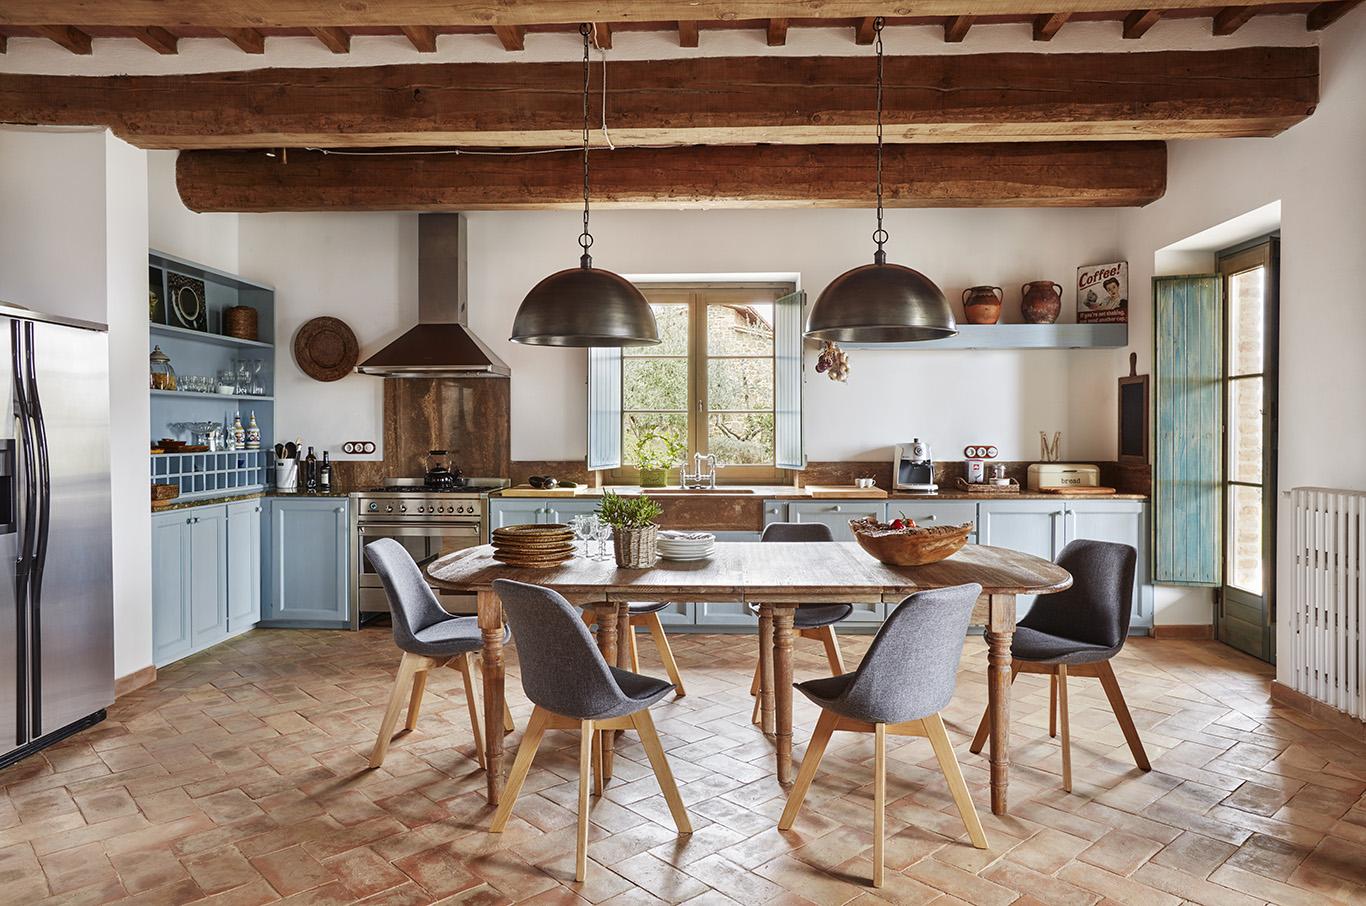 Casa Collina, A traditional Italian stone villa